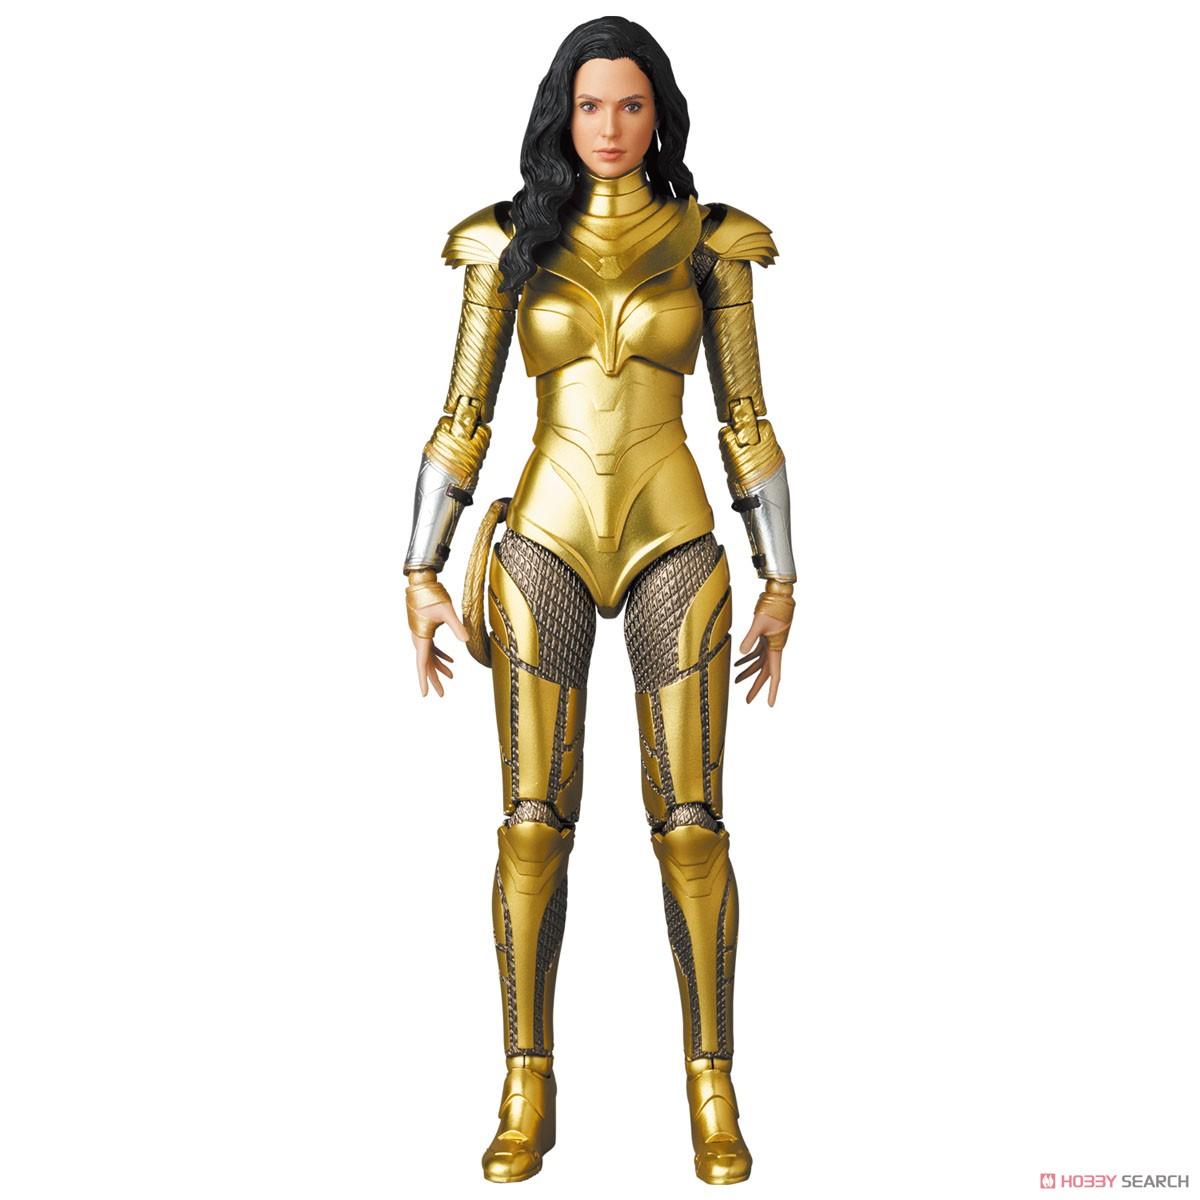 マフェックス No.148 MAFEX『ワンダーウーマン 1984 ゴールドアーマー版/WONDER WOMAN GOLDEN ARMOR Ver.』可動フィギュア-003